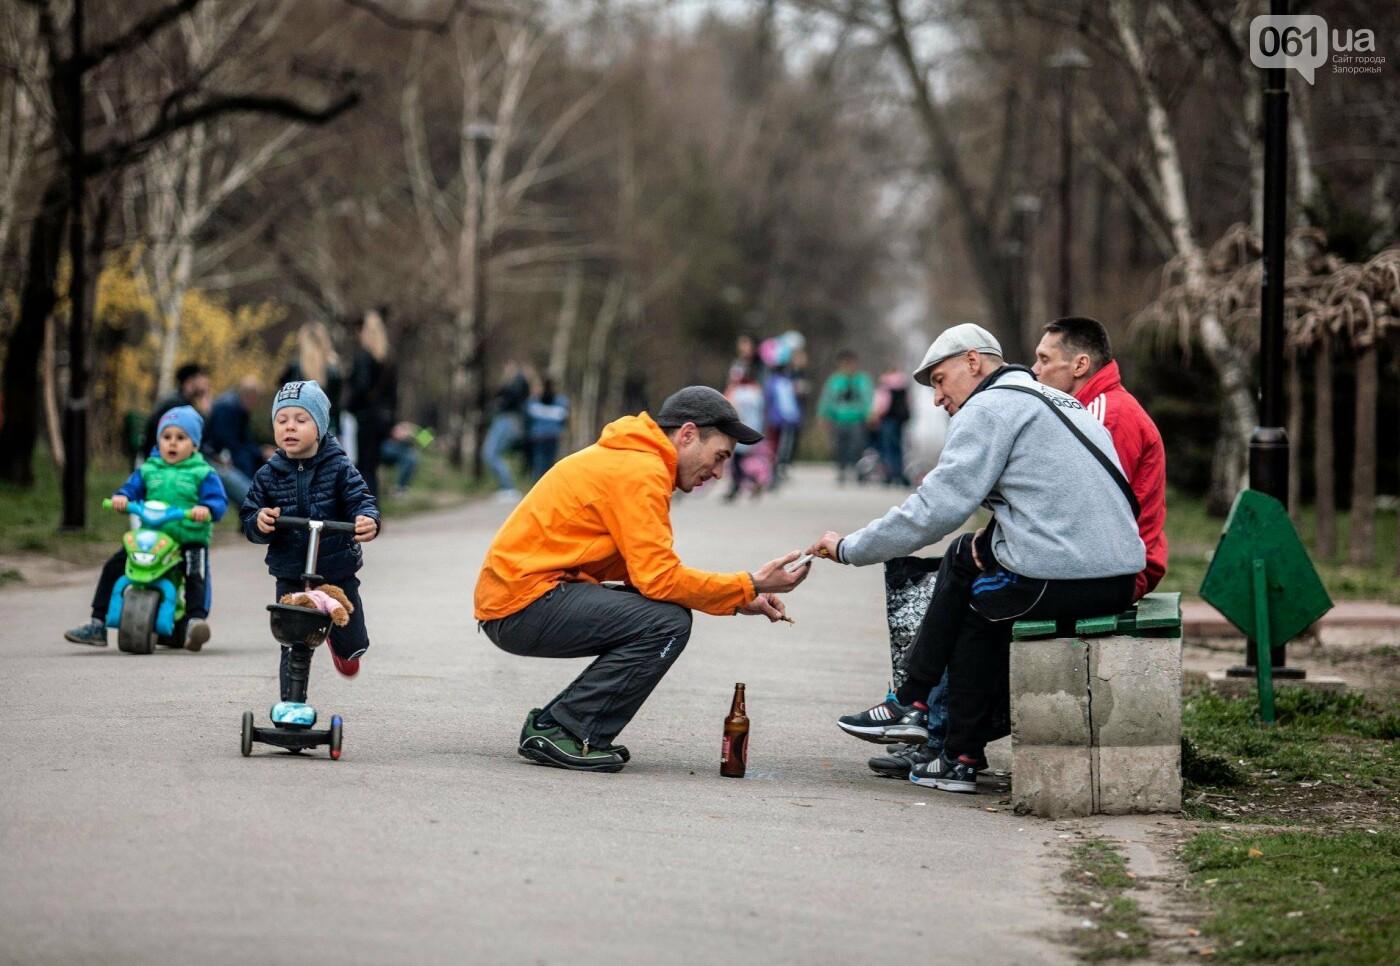 Киевский фотограф показал Кичкас в 50 фотографиях: «своя особая красота», - ФОТОРЕПОРТАЖ, фото-1